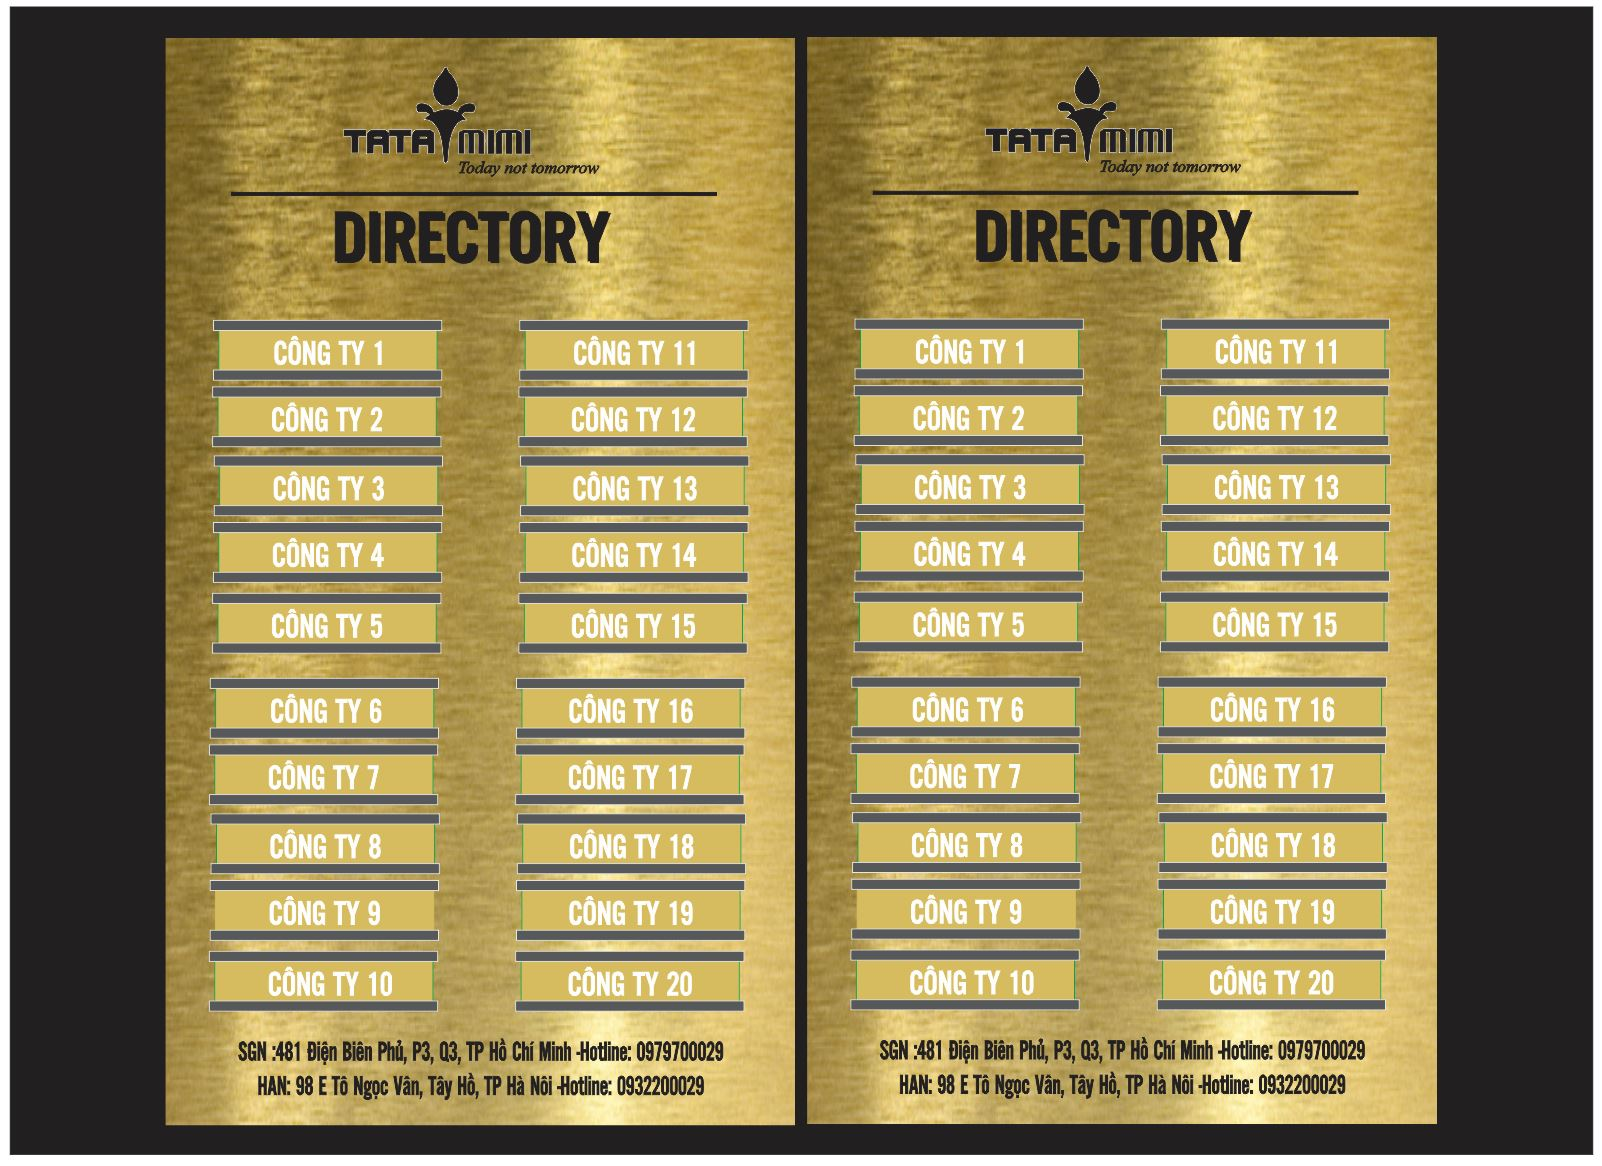 Biển sơ đồ tòa nhà ,Biển Directory Inox